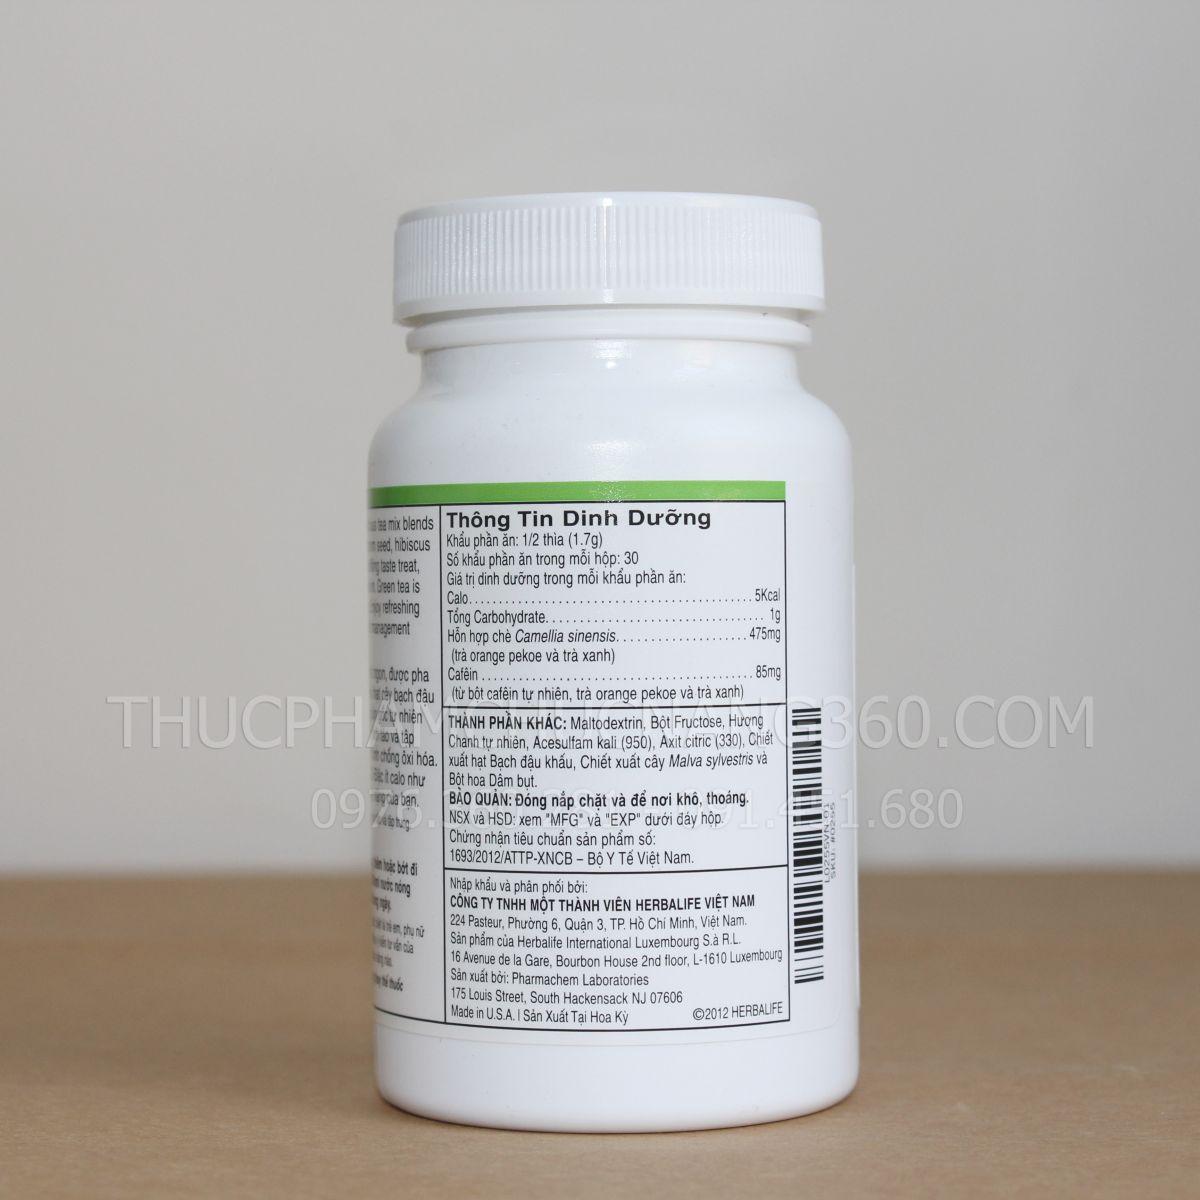 thông tin nhà cung cấp, sản xuất và tiêu chuẩn chứng nhận của bộ y tế của sản phẩm trà thảo mộc cô đặc herbalife hương chanh